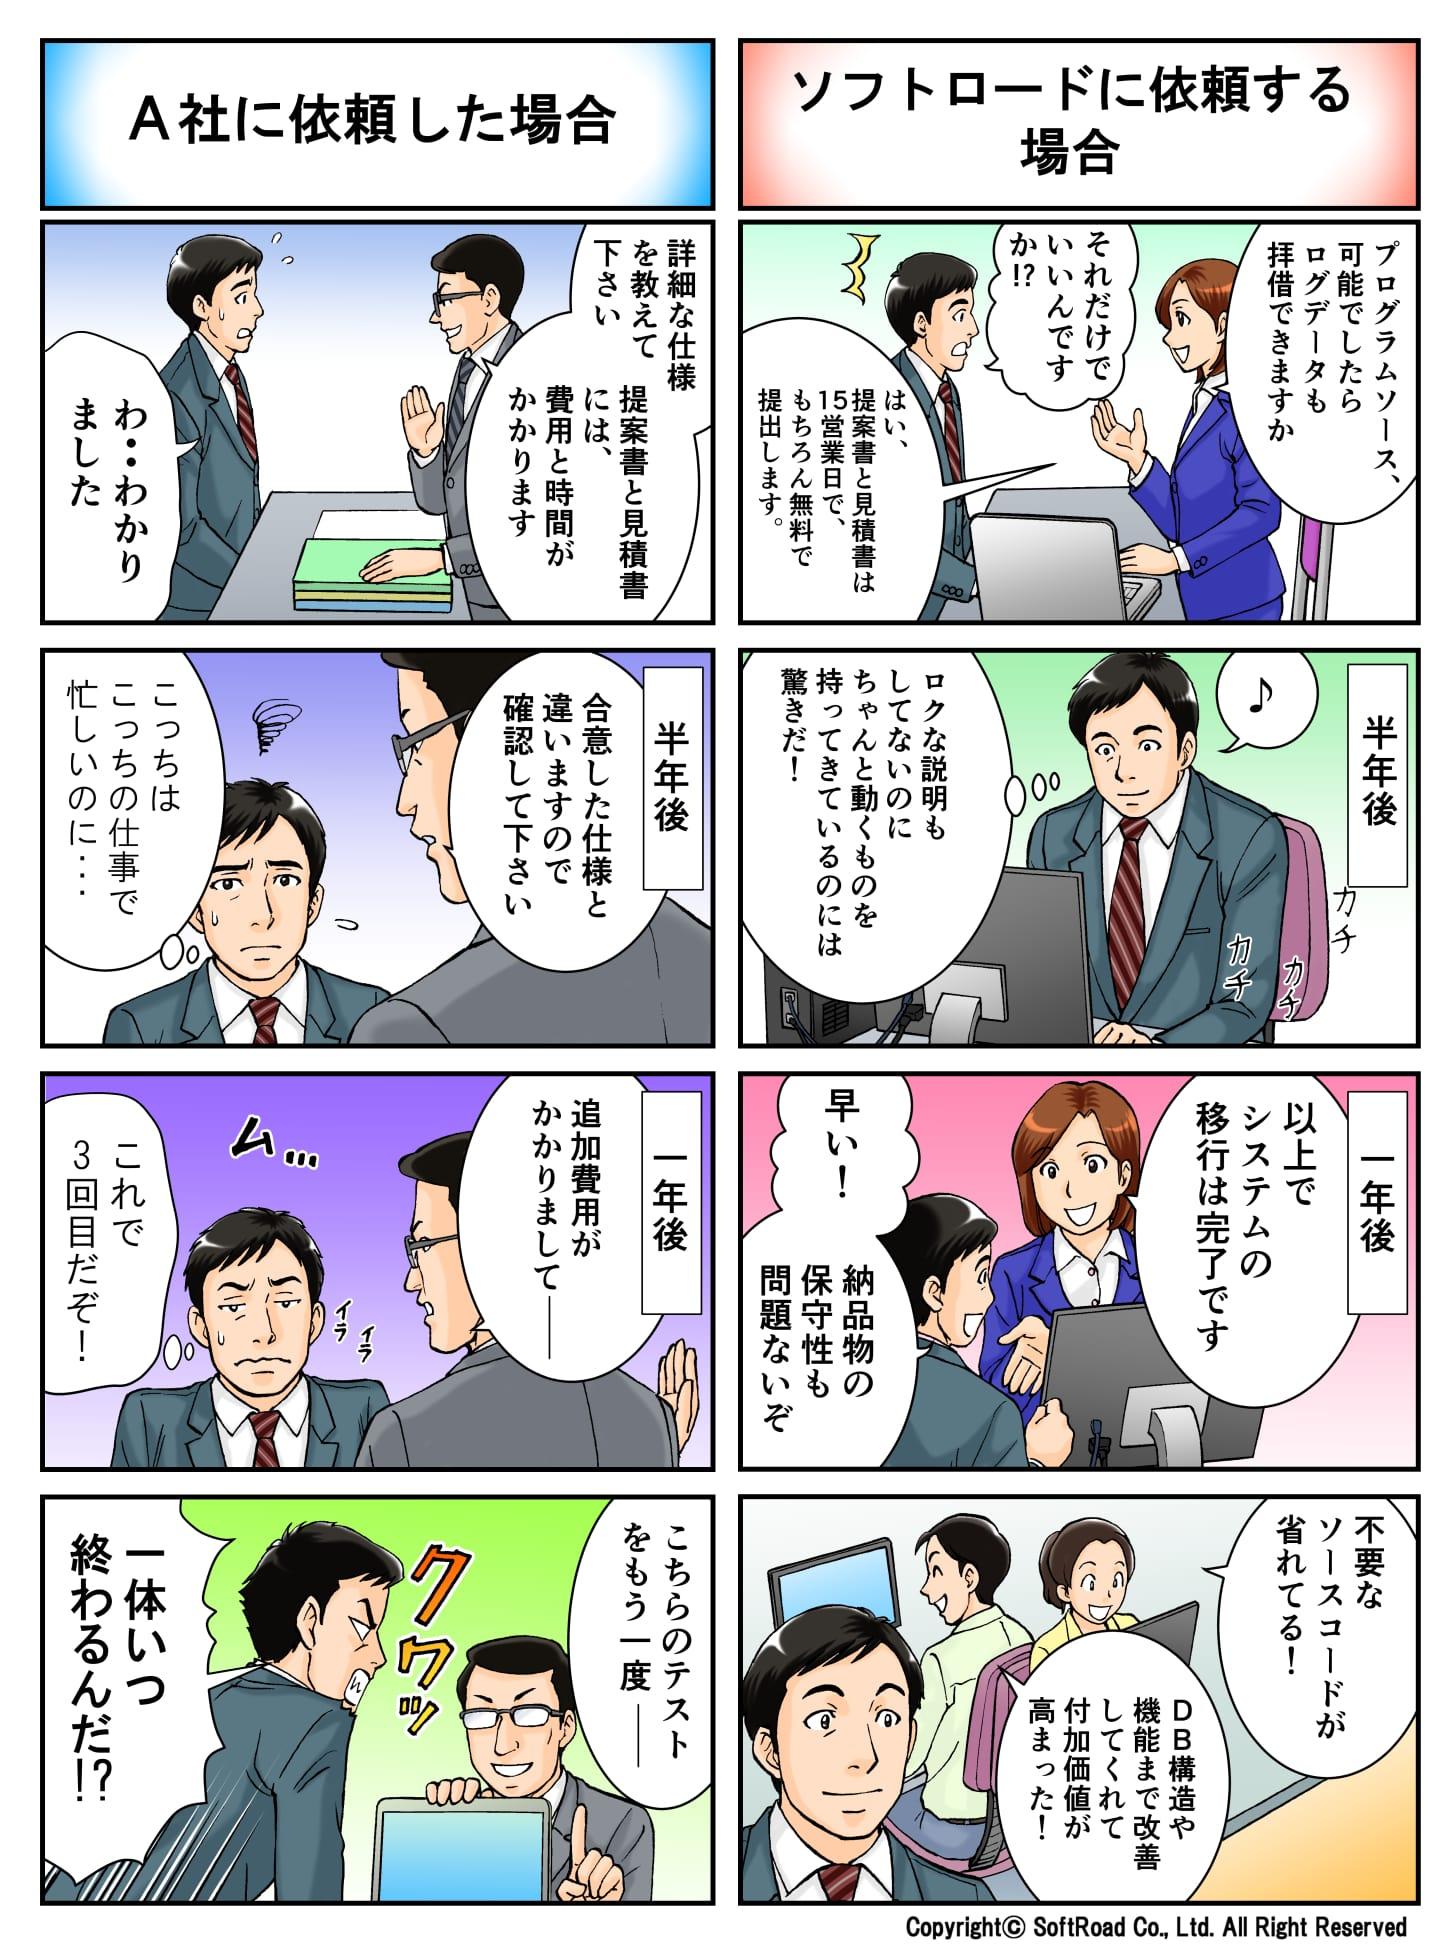 他社との比較でわかる システム移行4コマ漫画掲載サンプル1